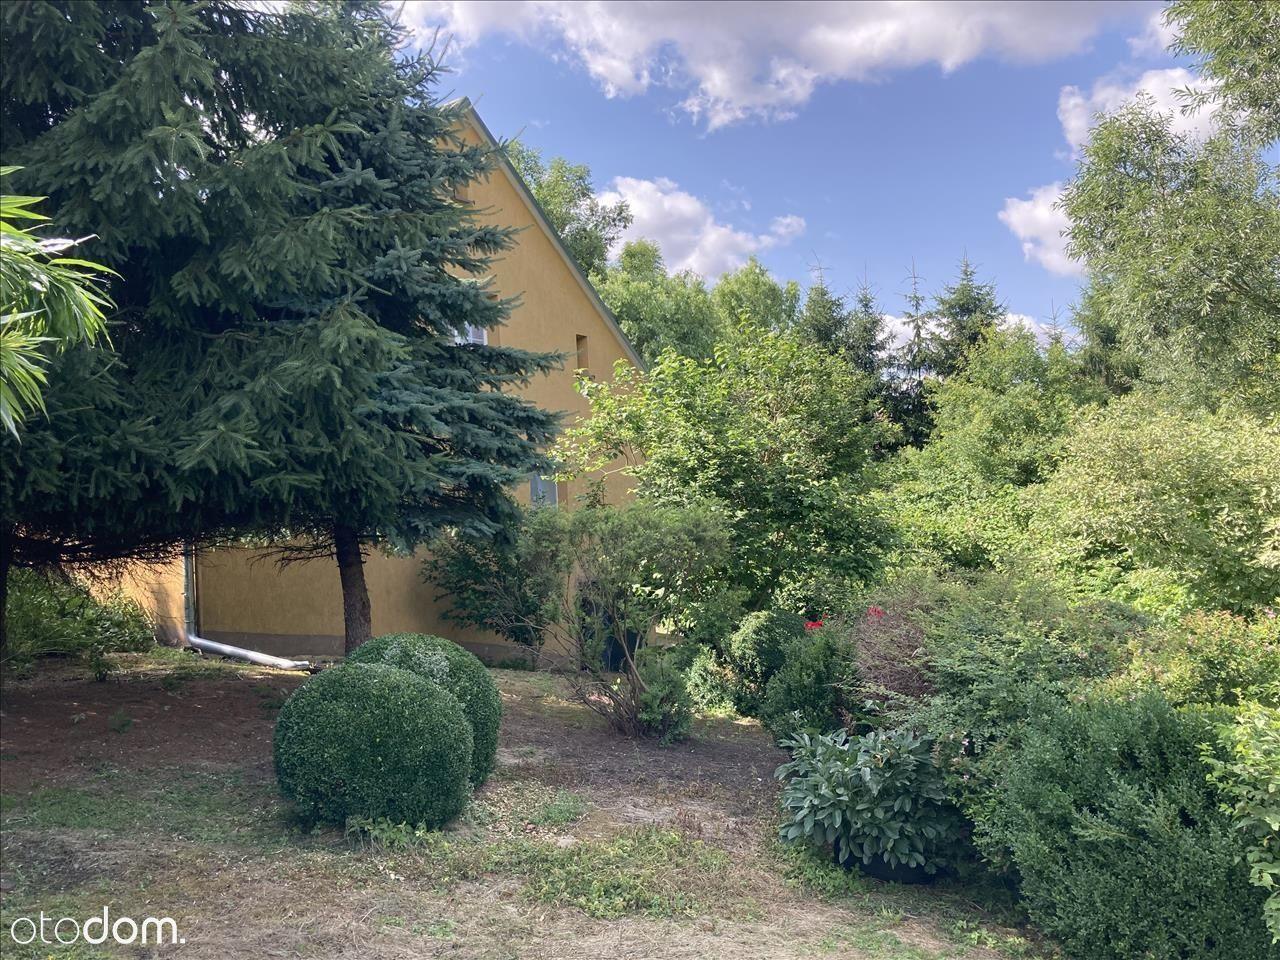 Dom z 15 ar działką 3 km od jeziora Kotliska